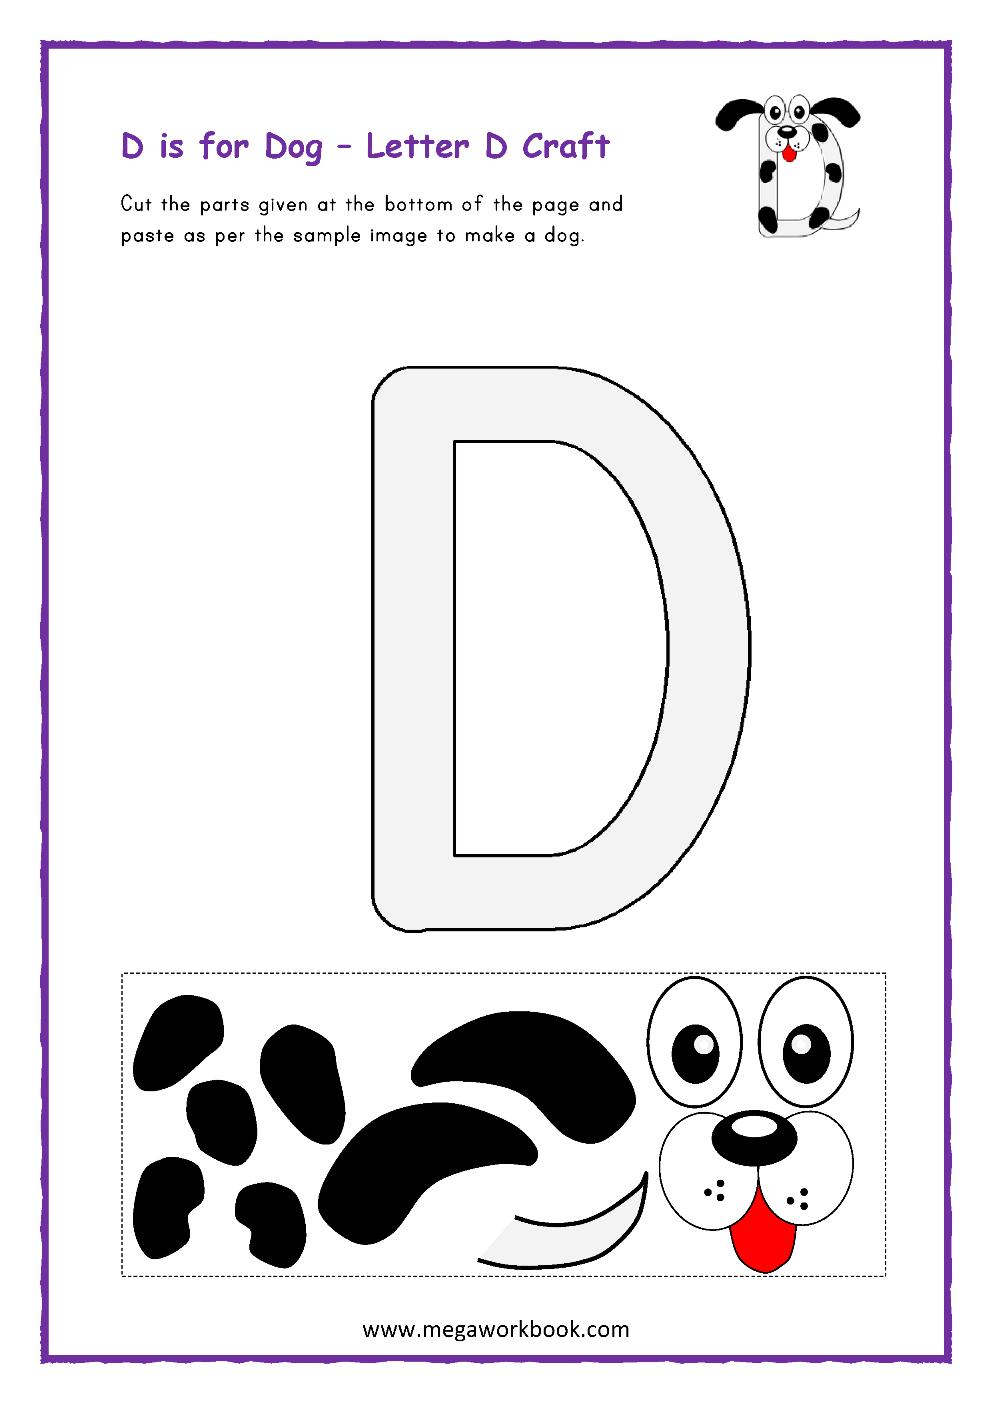 Letter D Activities - Letter D Worksheets - Letter D intended for Letter D Worksheets Cut And Paste